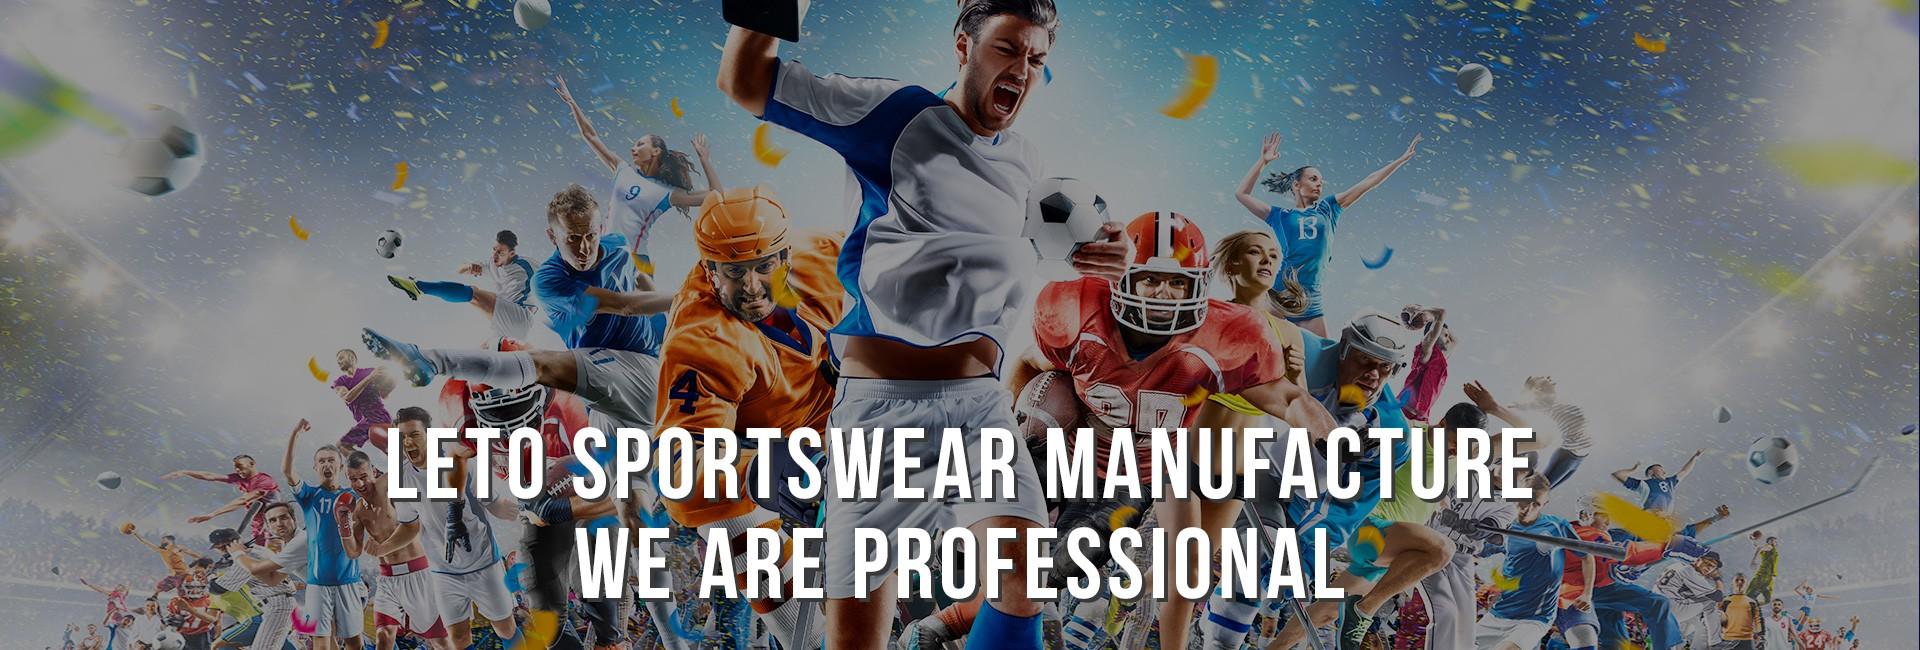 Leto Sportswear